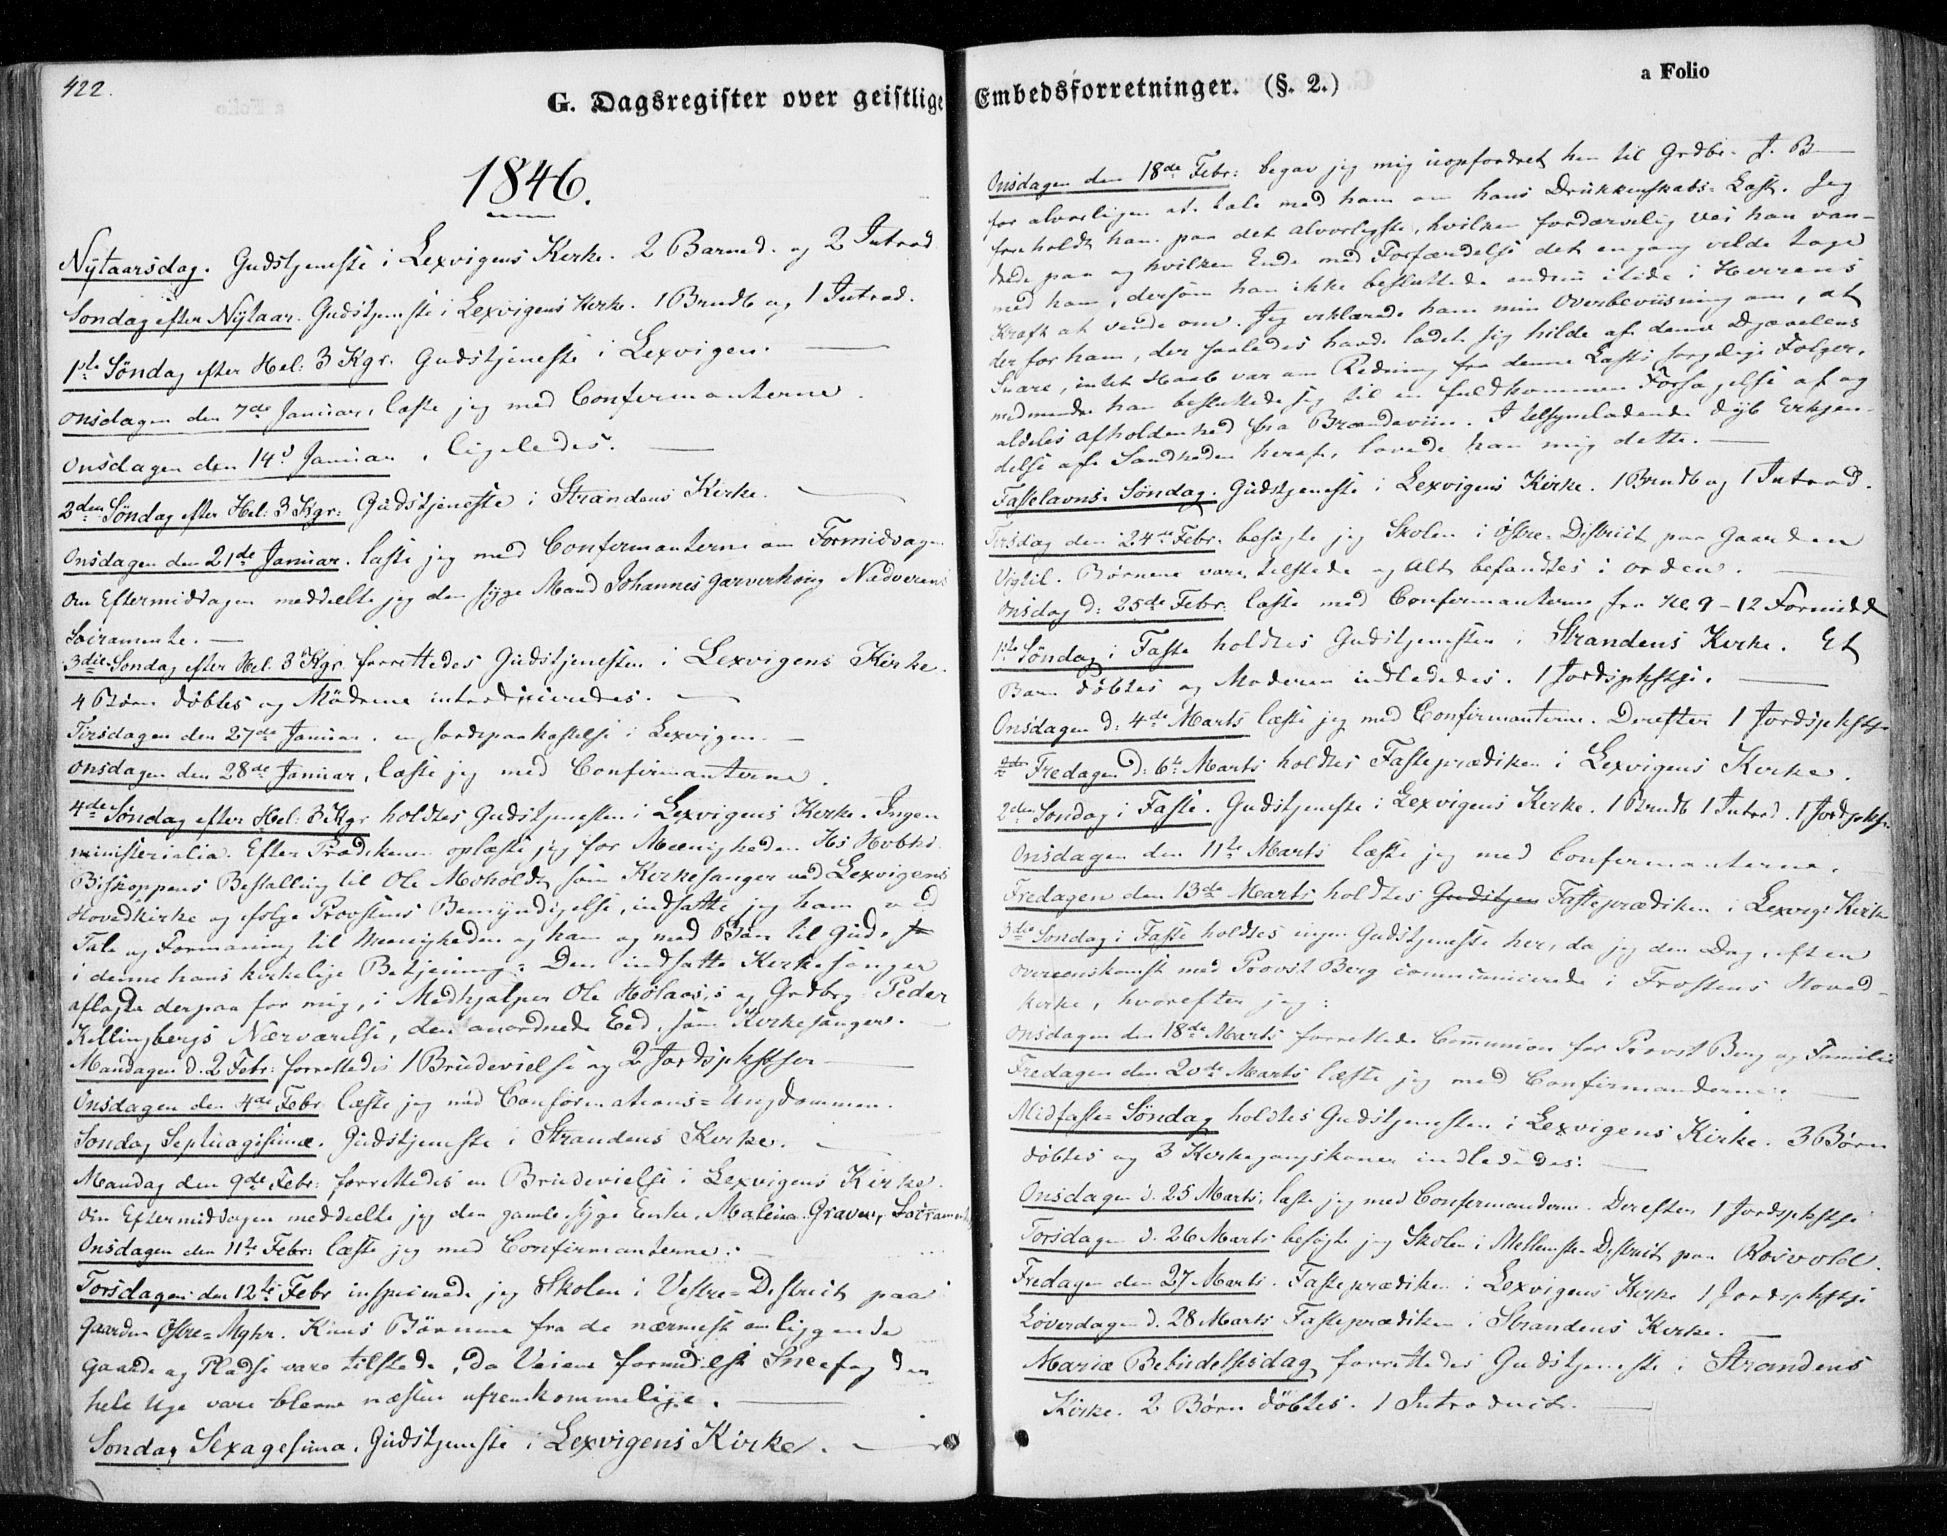 SAT, Ministerialprotokoller, klokkerbøker og fødselsregistre - Nord-Trøndelag, 701/L0007: Ministerialbok nr. 701A07 /1, 1842-1854, s. 422